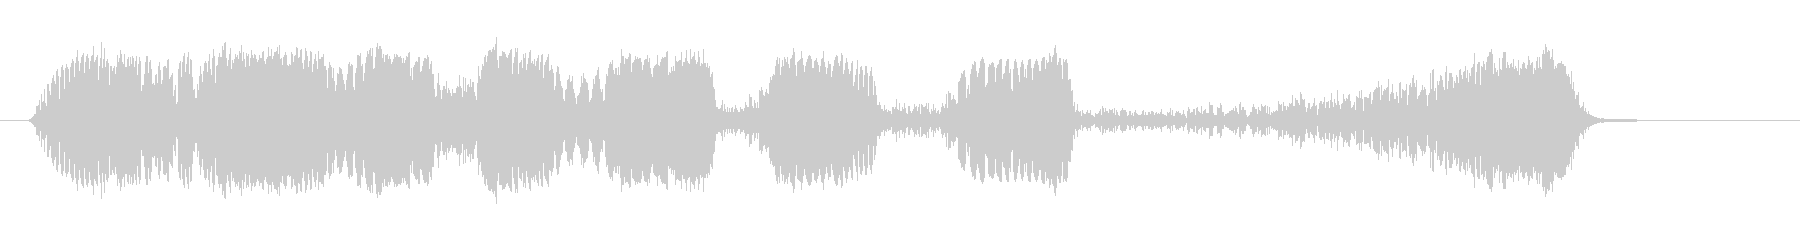 ショートラジオリバース3の未再生の波形